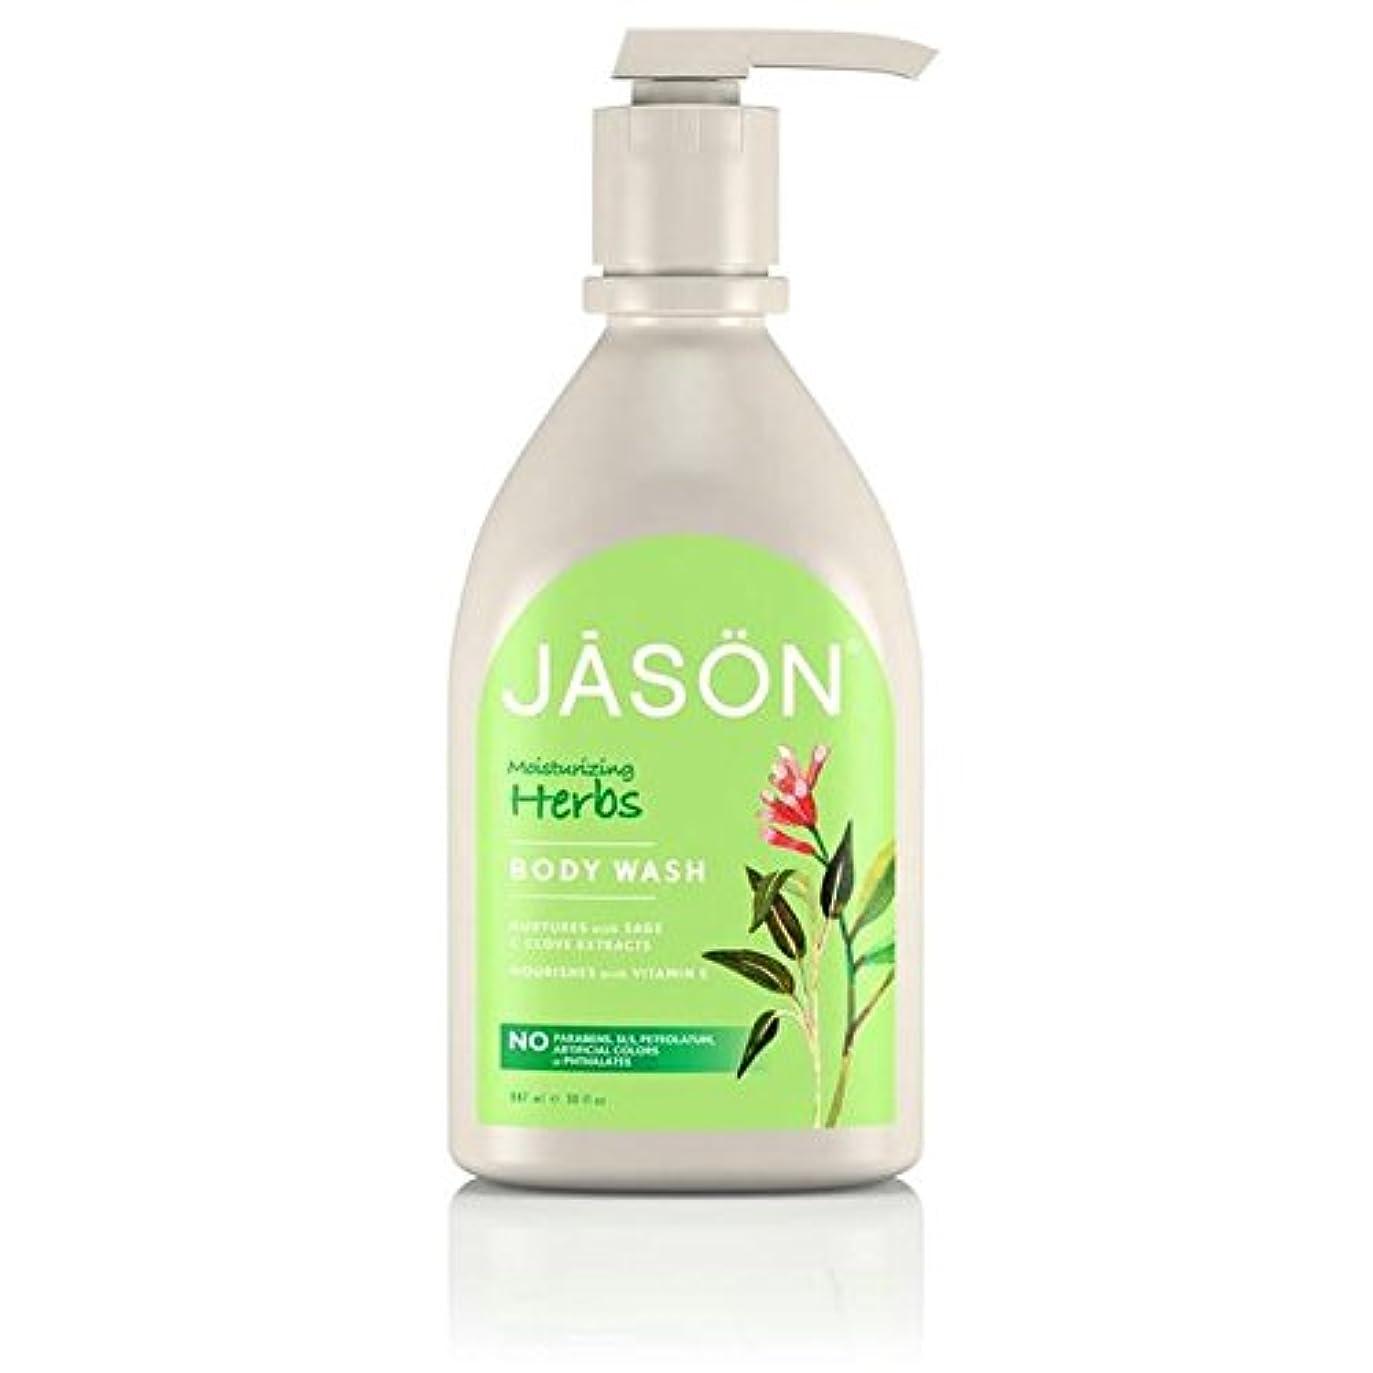 モード忘れられないシニスJason Herbal Satin Body Wash Pump 900ml (Pack of 6) - ジェイソン?ハーブサテンボディウォッシュポンプ900ミリリットル x6 [並行輸入品]